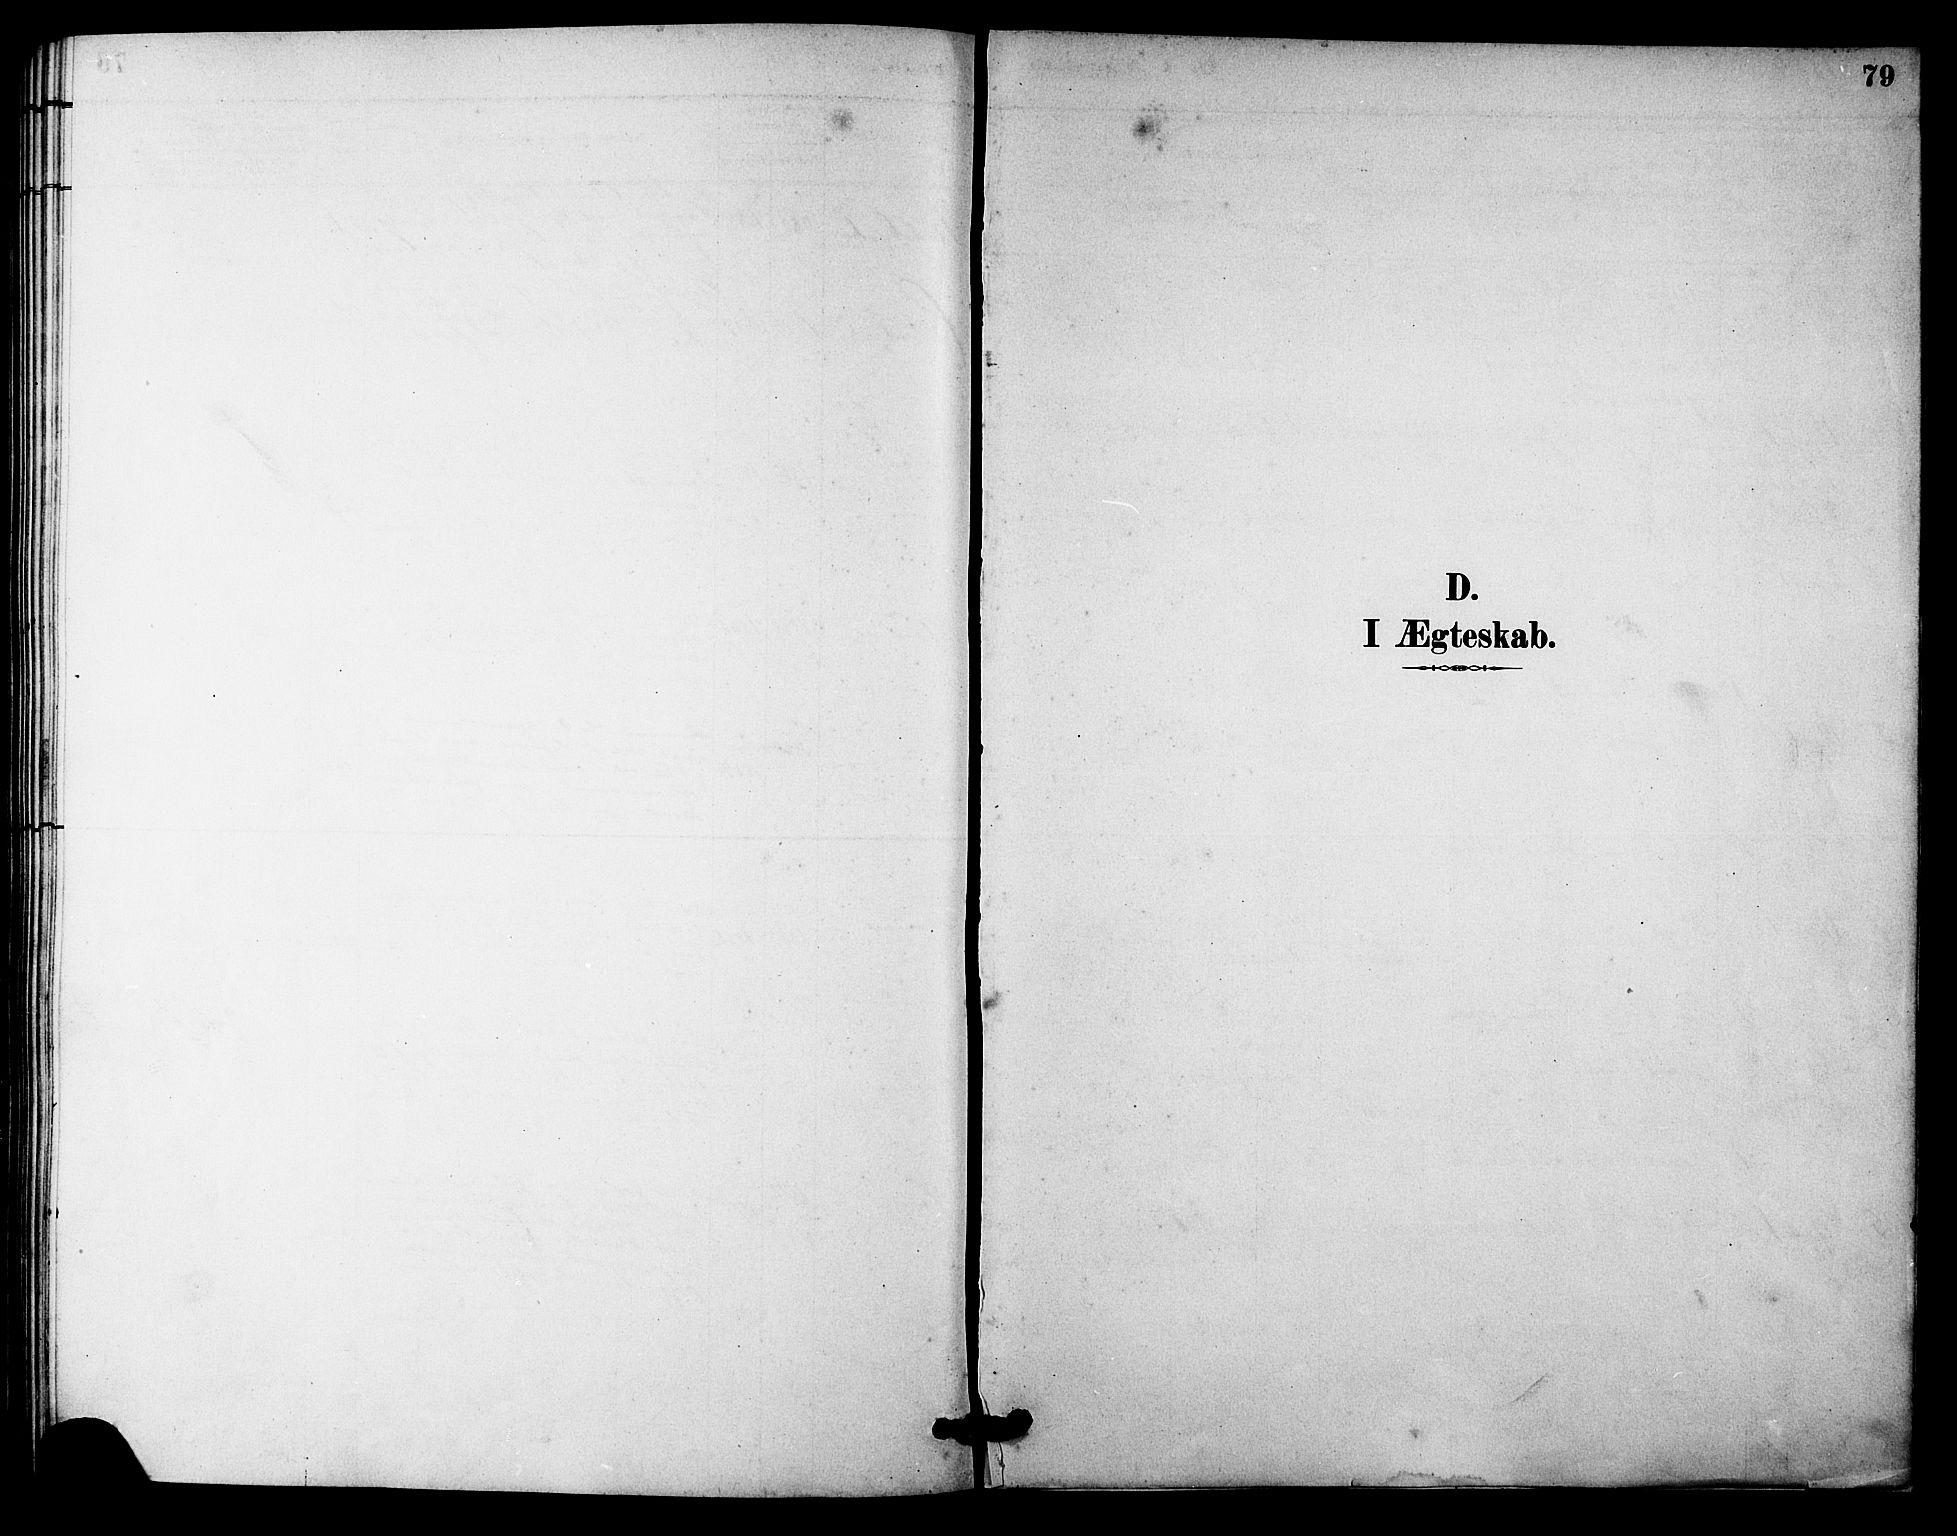 SAT, Ministerialprotokoller, klokkerbøker og fødselsregistre - Sør-Trøndelag, 633/L0519: Klokkerbok nr. 633C01, 1884-1905, s. 79